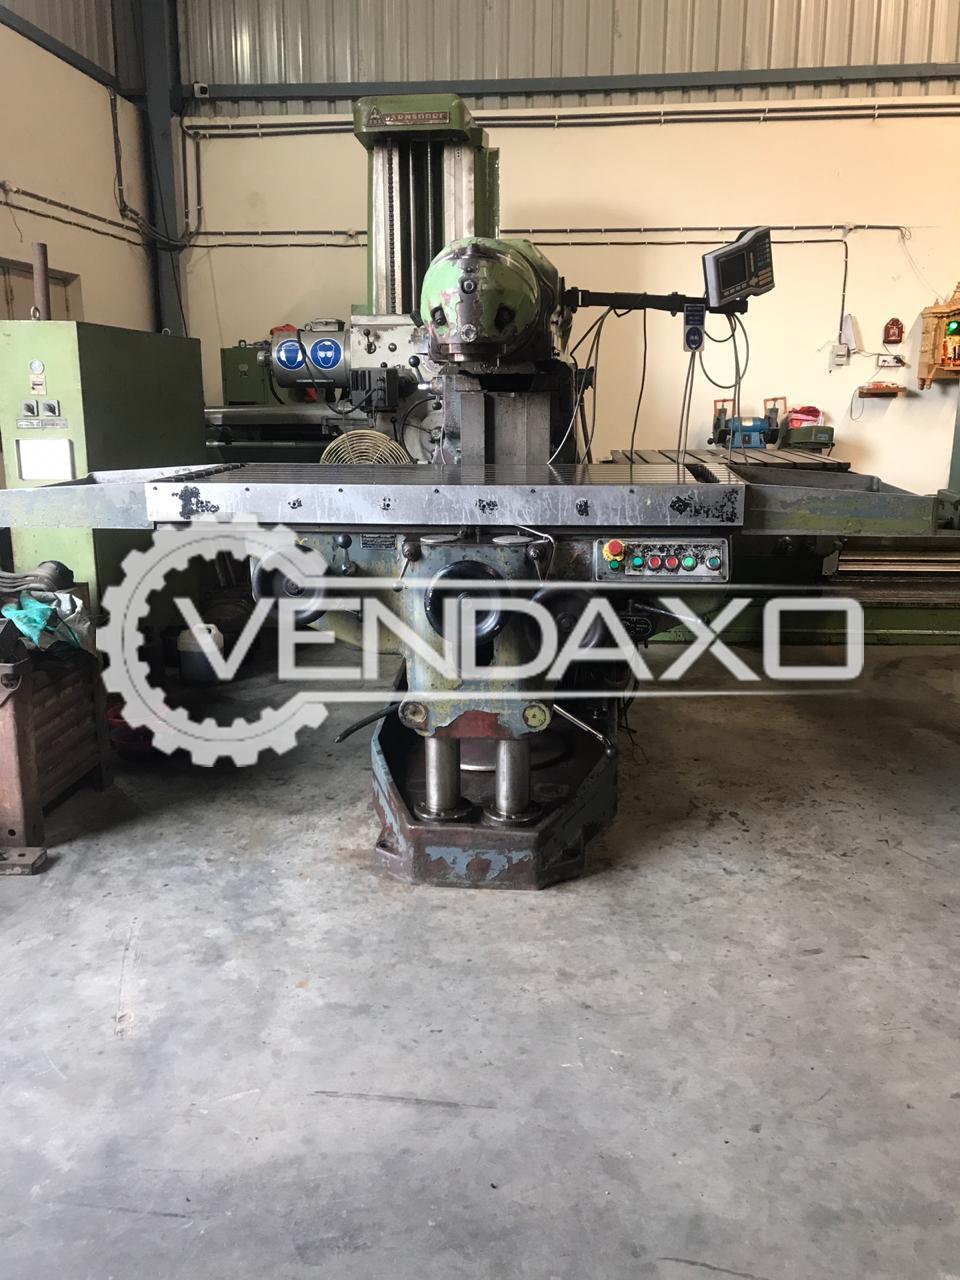 HURON MU55 Universal Milling Machine - Table Size - 1700 x 700 mm